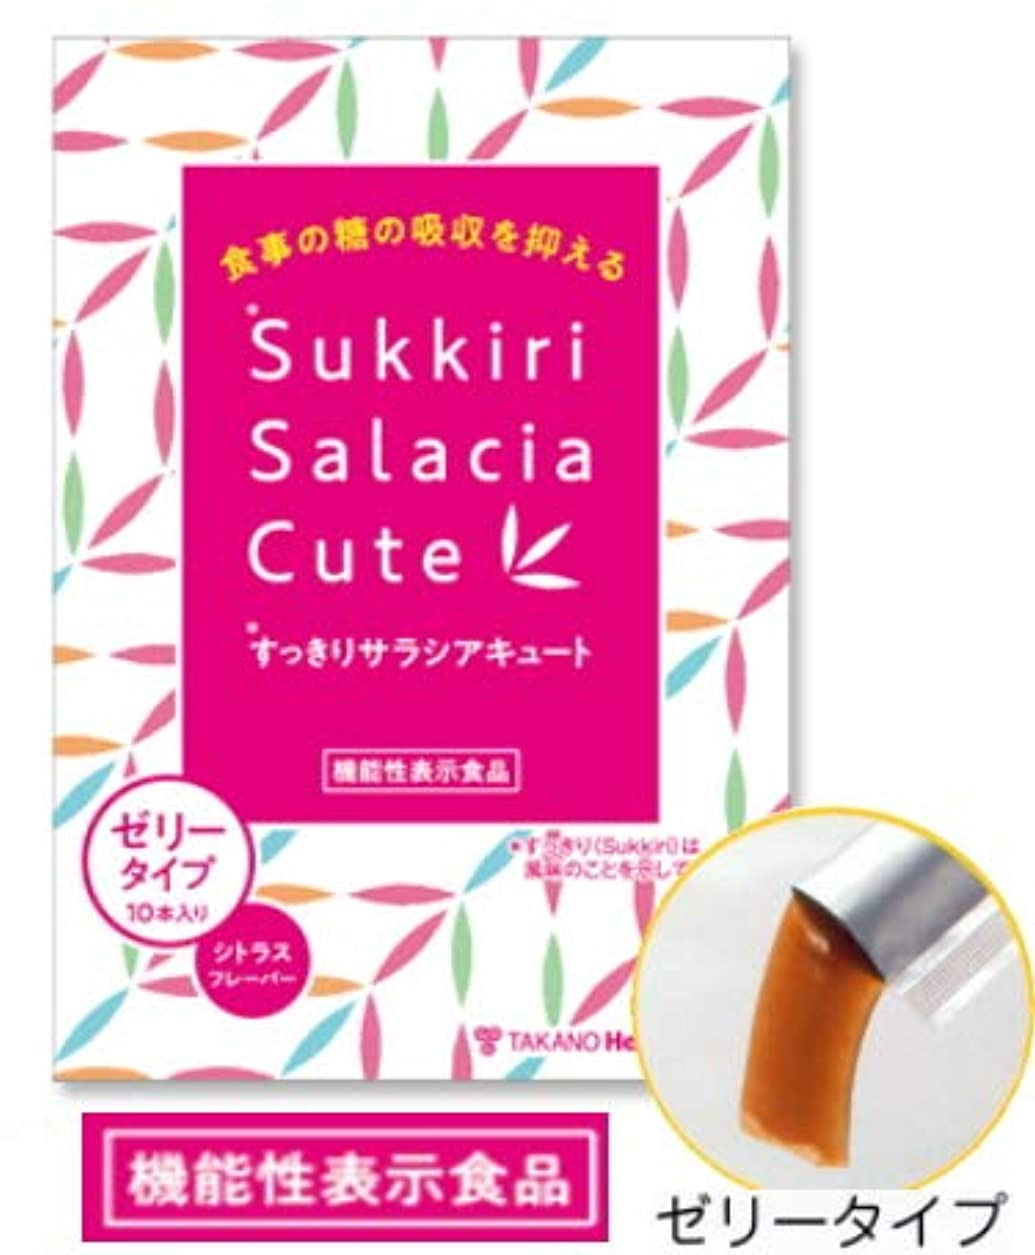 爆発畝間生命体食事の糖の吸収を抑える すっきり サラシア キュート ゼリーダイプ 10本入【機能性表示食品】